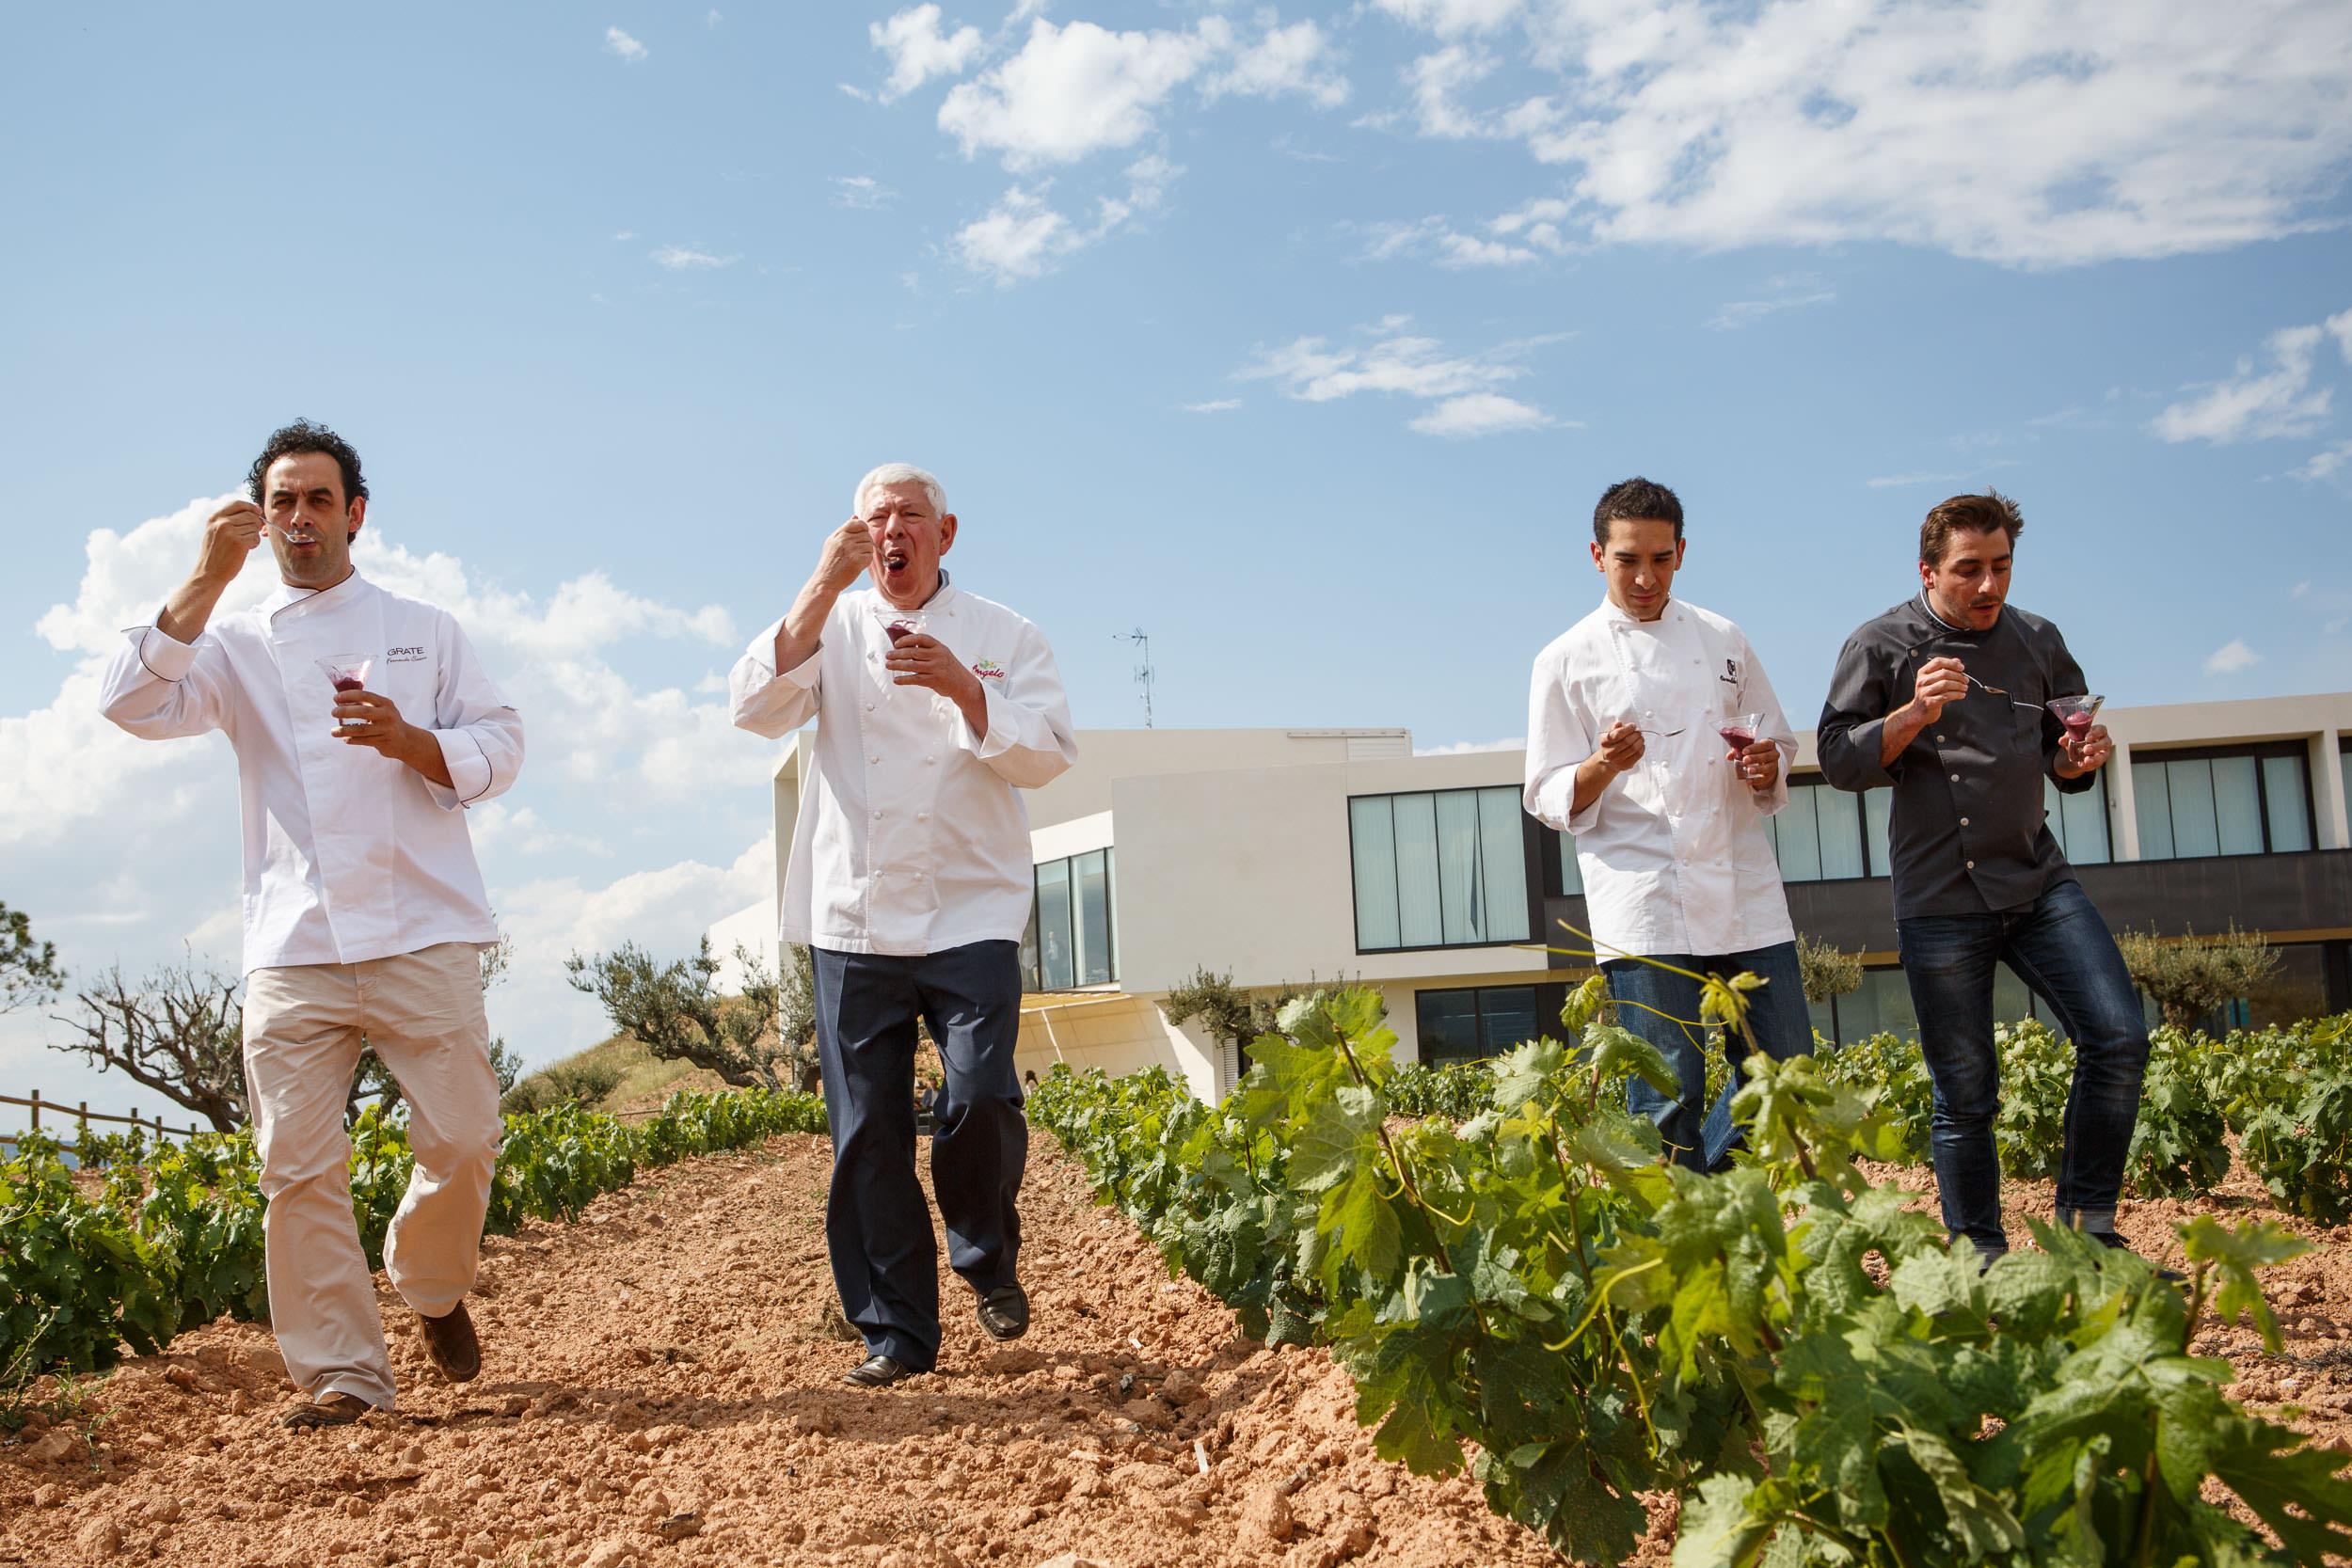 Fotografia de Retratos La Rioja Pais Vasco España - James Sturcke - sturcke.org_008.jpg